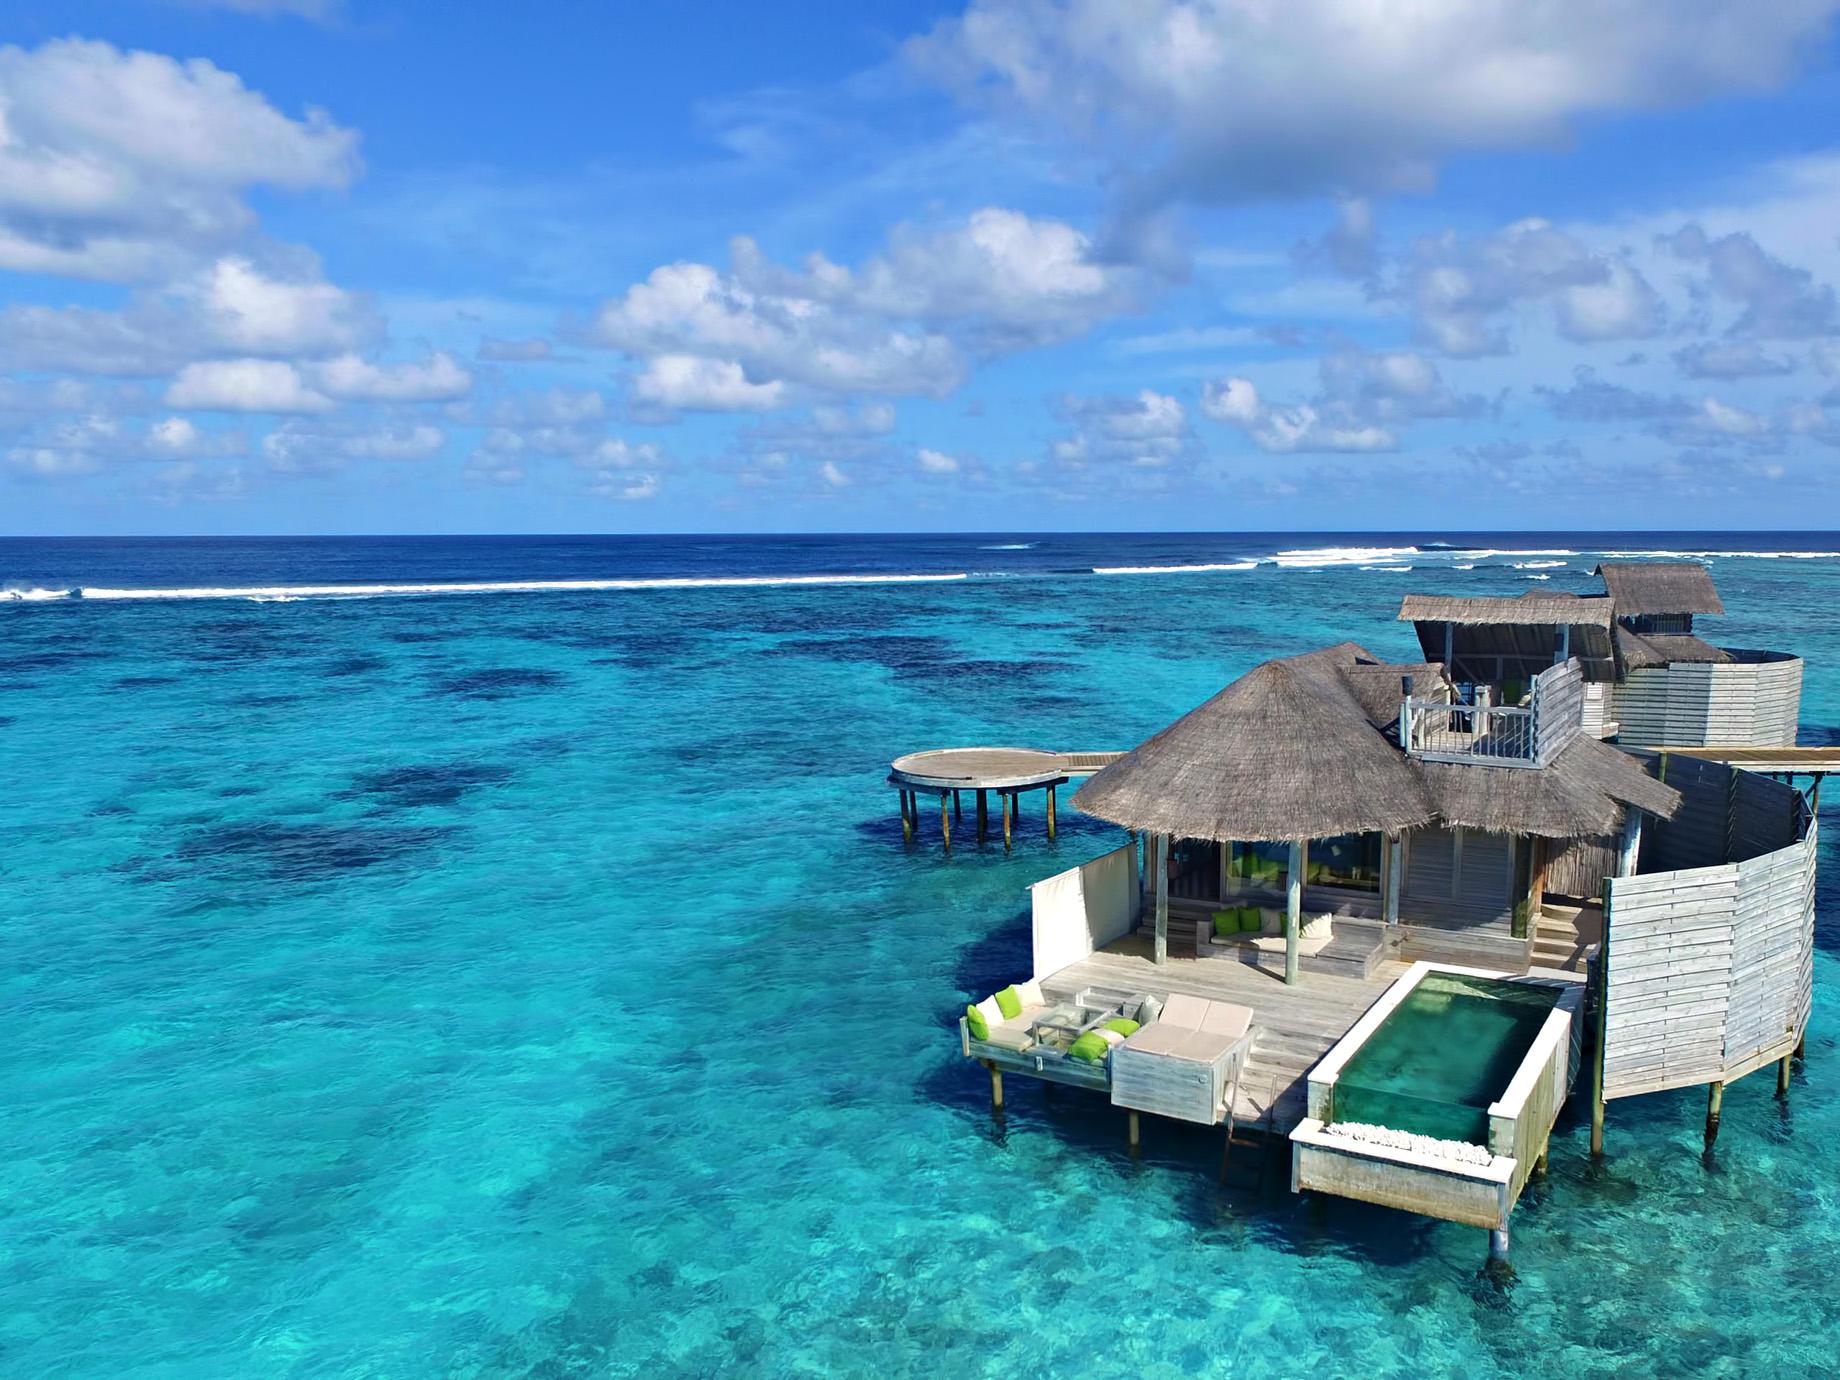 Six Senses Laamu Luxury Resort – Laamu Atoll, Maldives – Overwater Villa with Pool